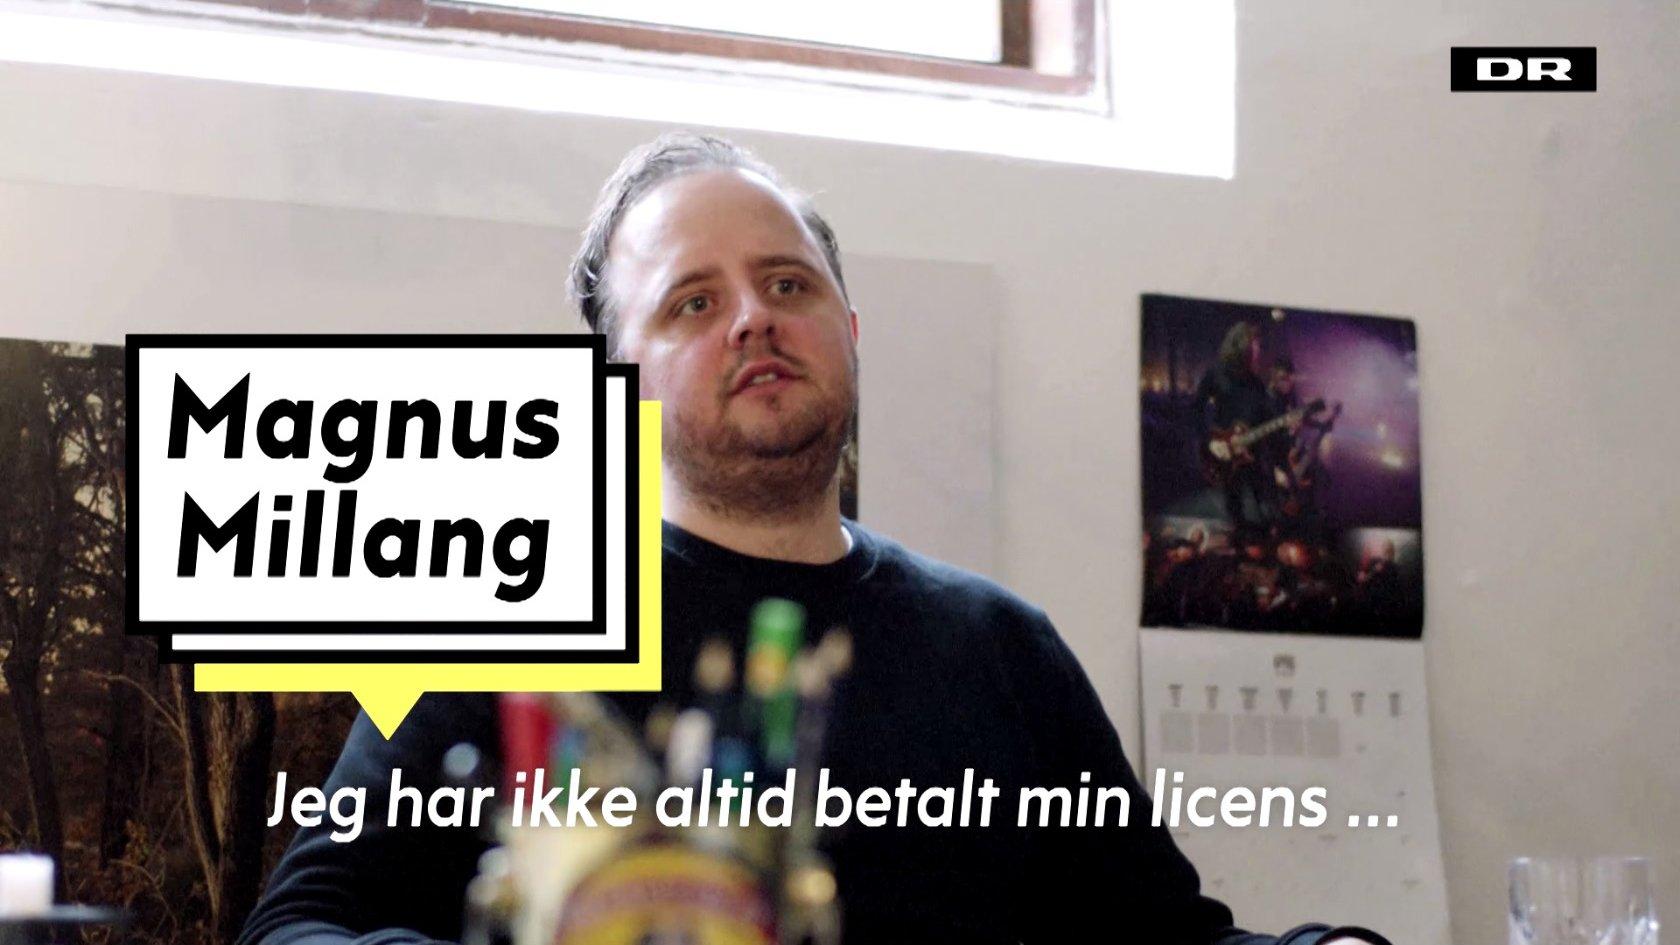 DR Licenskampagne